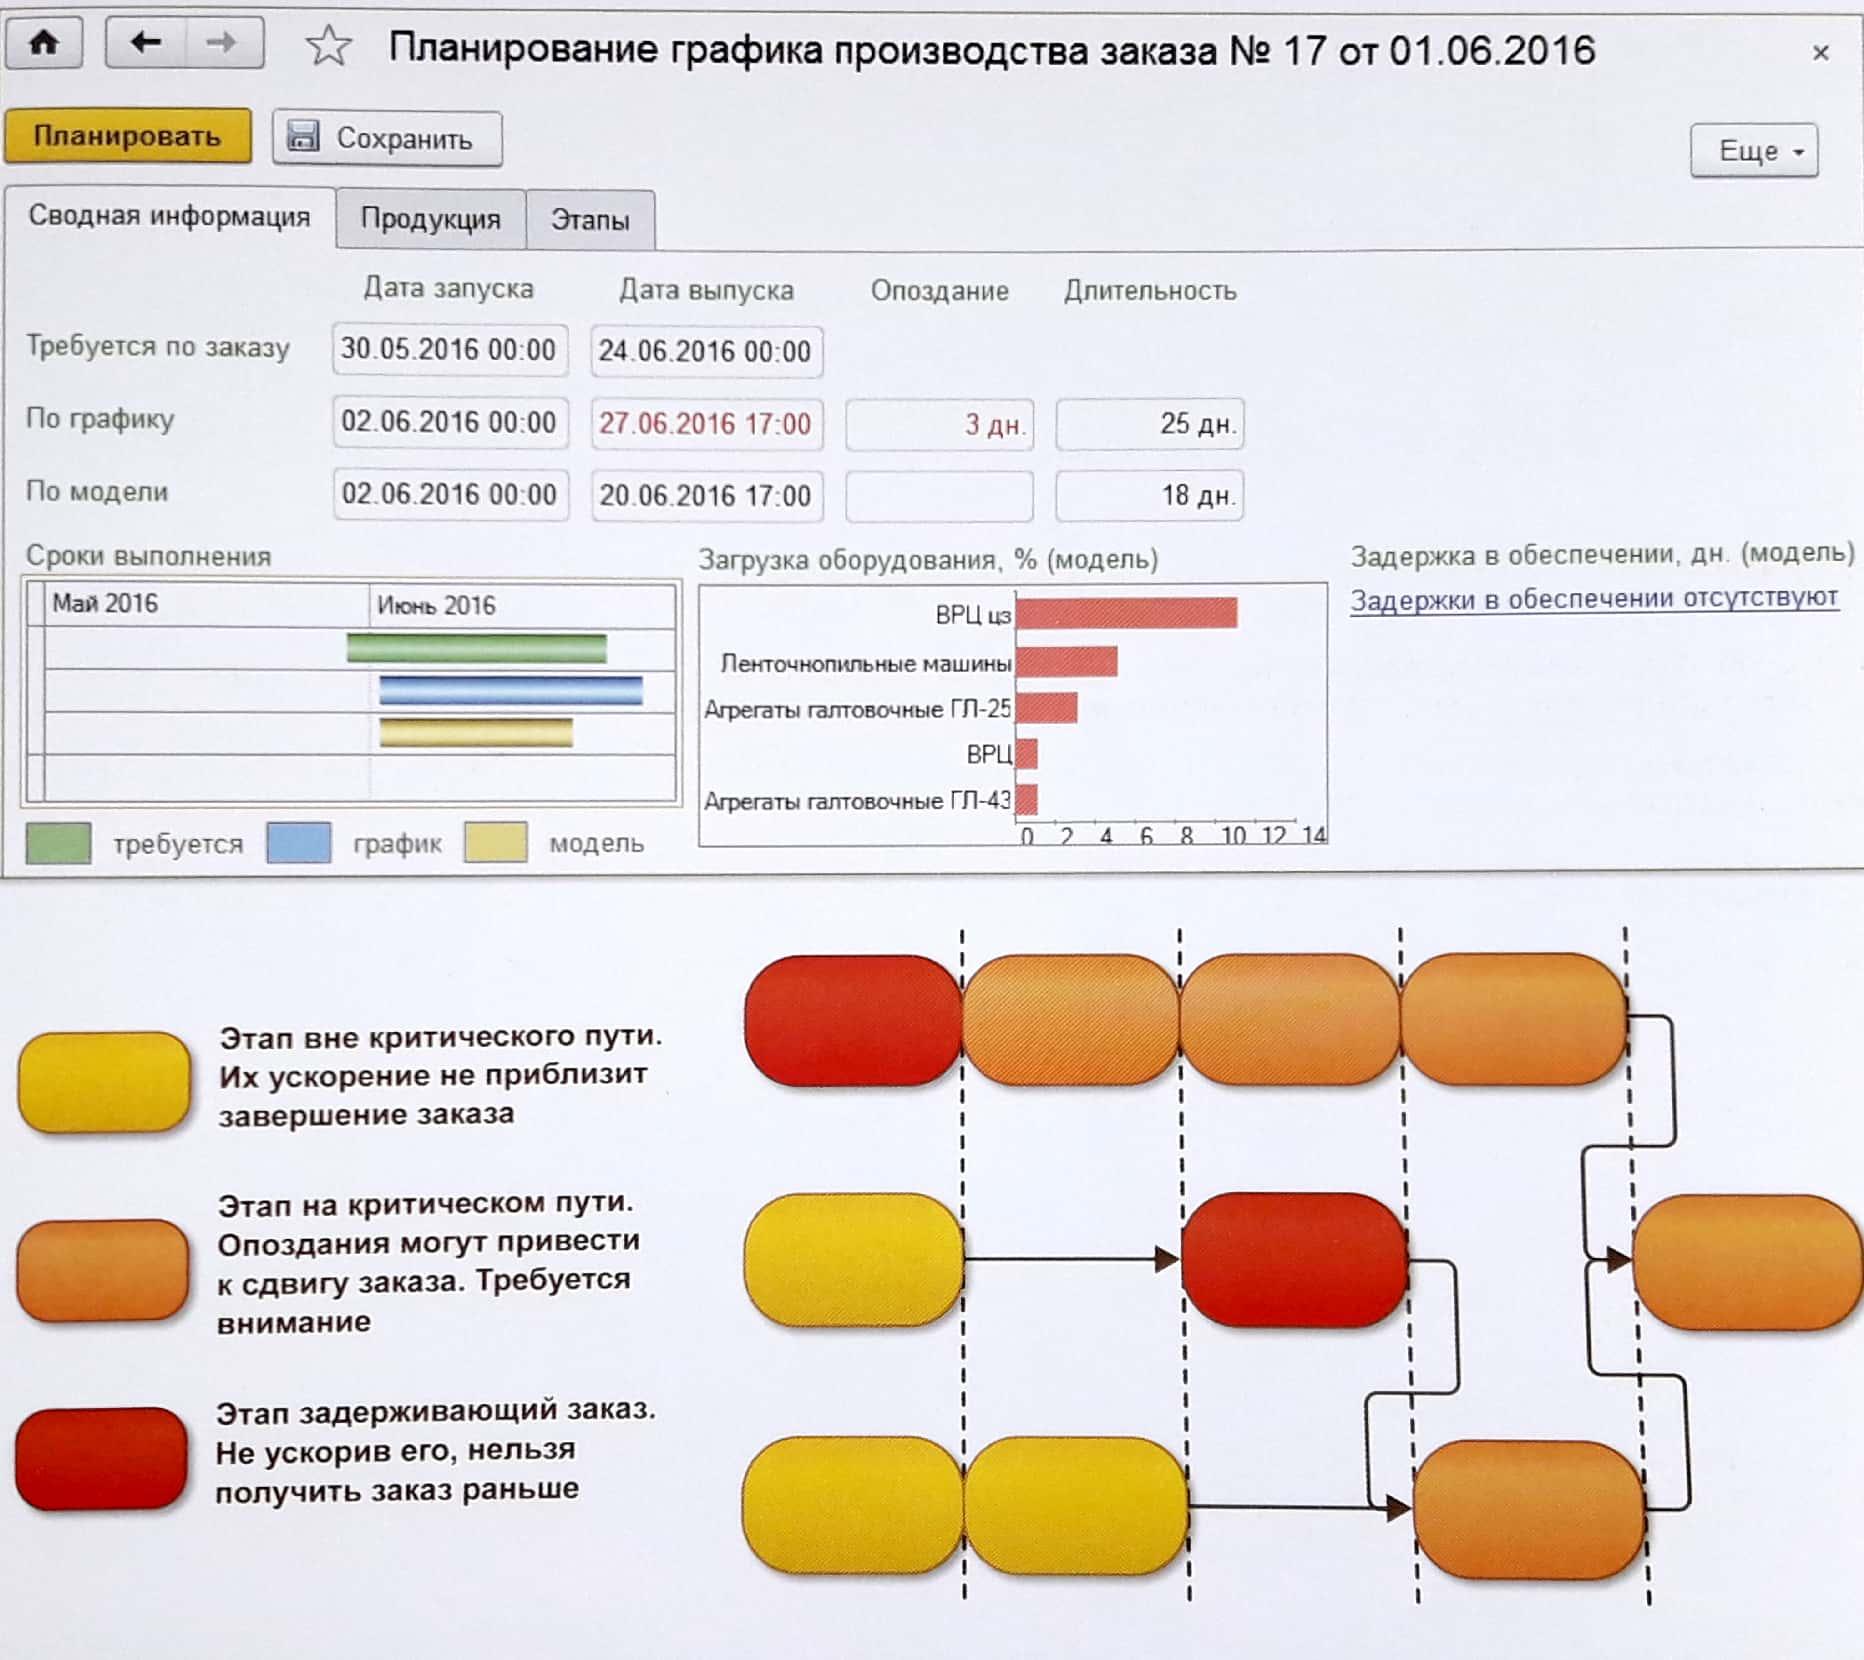 Формирование графика произвоства в 1С: ERP - как выбрать систему управления предприятием - Купить решение